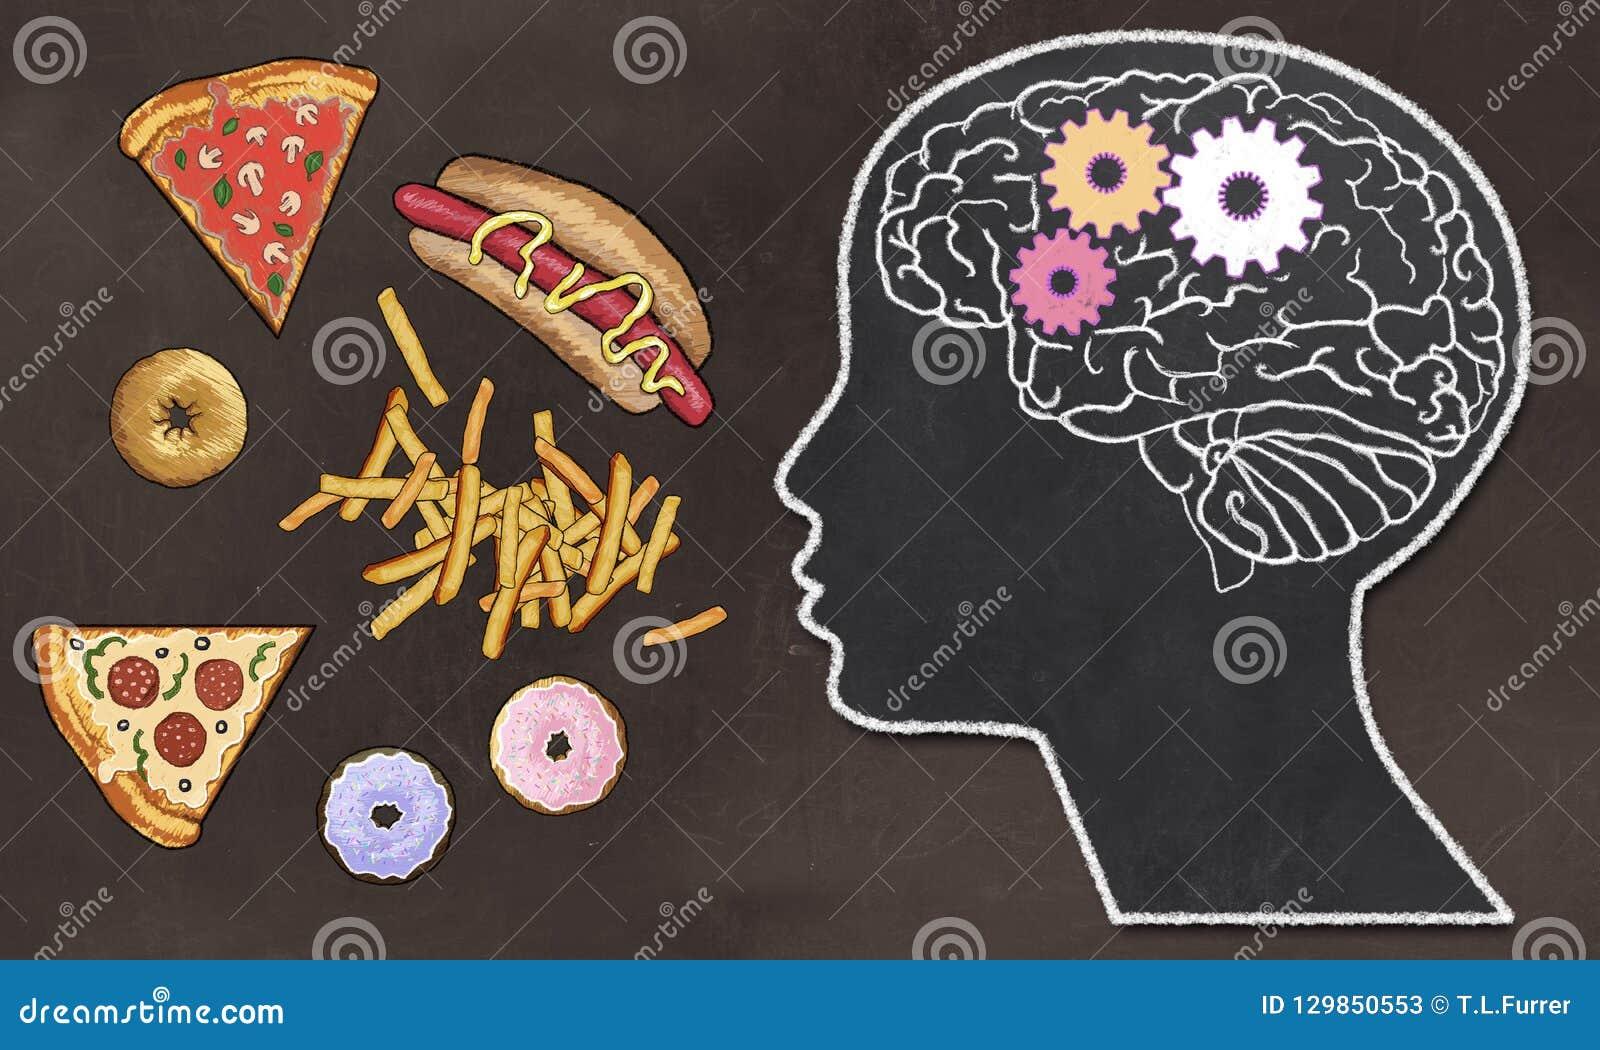 El apego y Brain Activity ilustraron en la pizarra de Brown